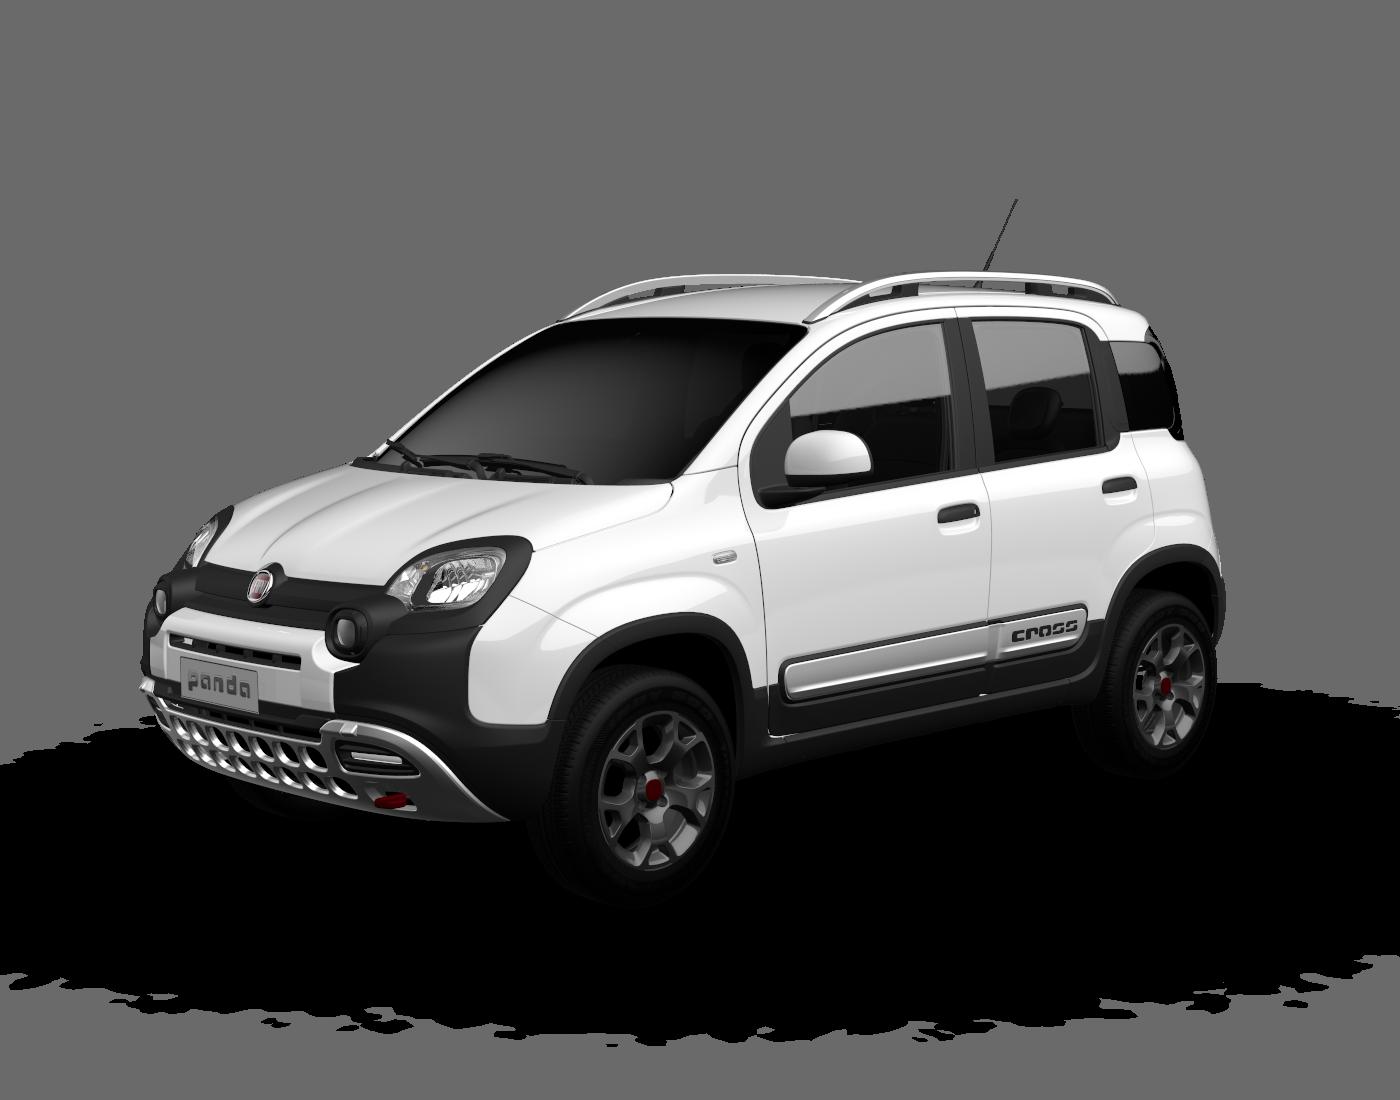 Zhg Modelle Fiat Pandacross